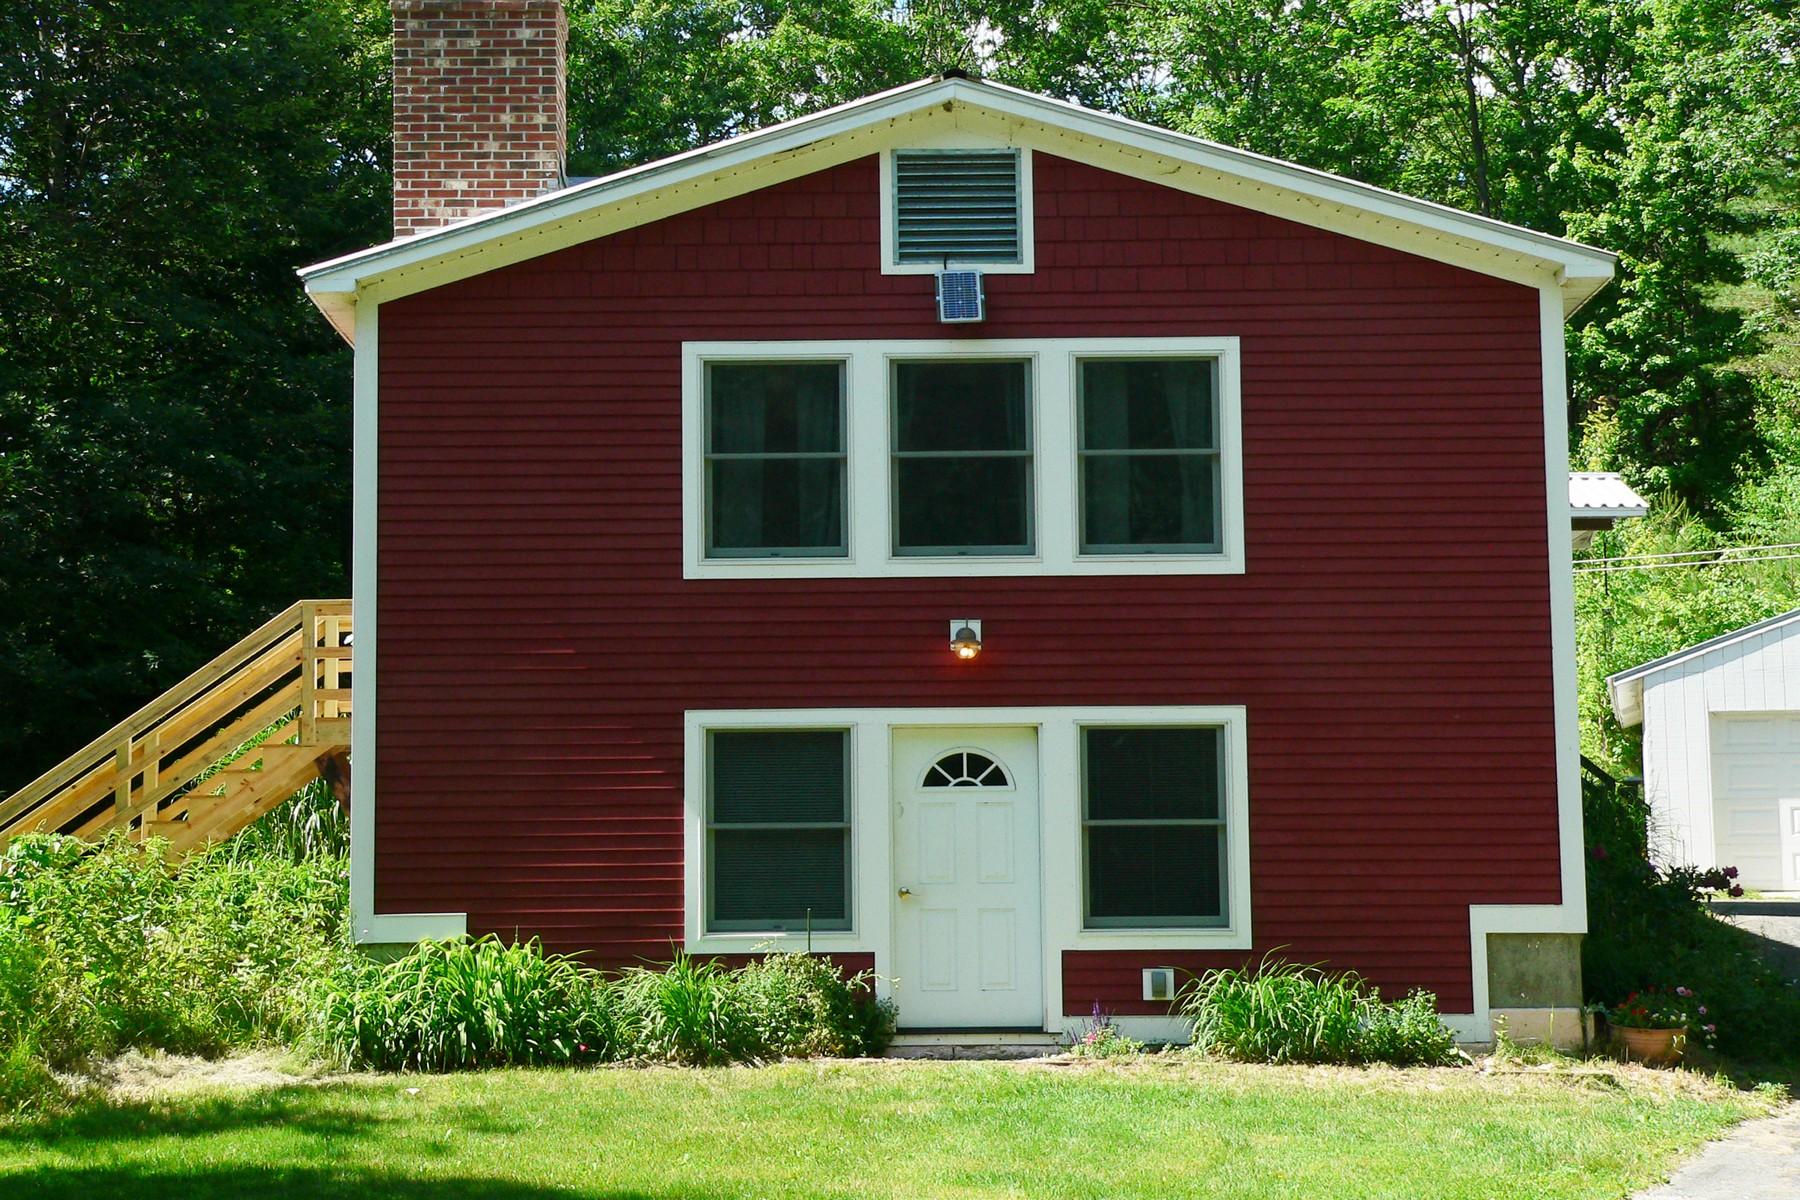 Частный односемейный дом для того Продажа на Mountain Top View 825 Skitchewaug Trail Rd Springfield, Вермонт, 05156 Соединенные Штаты